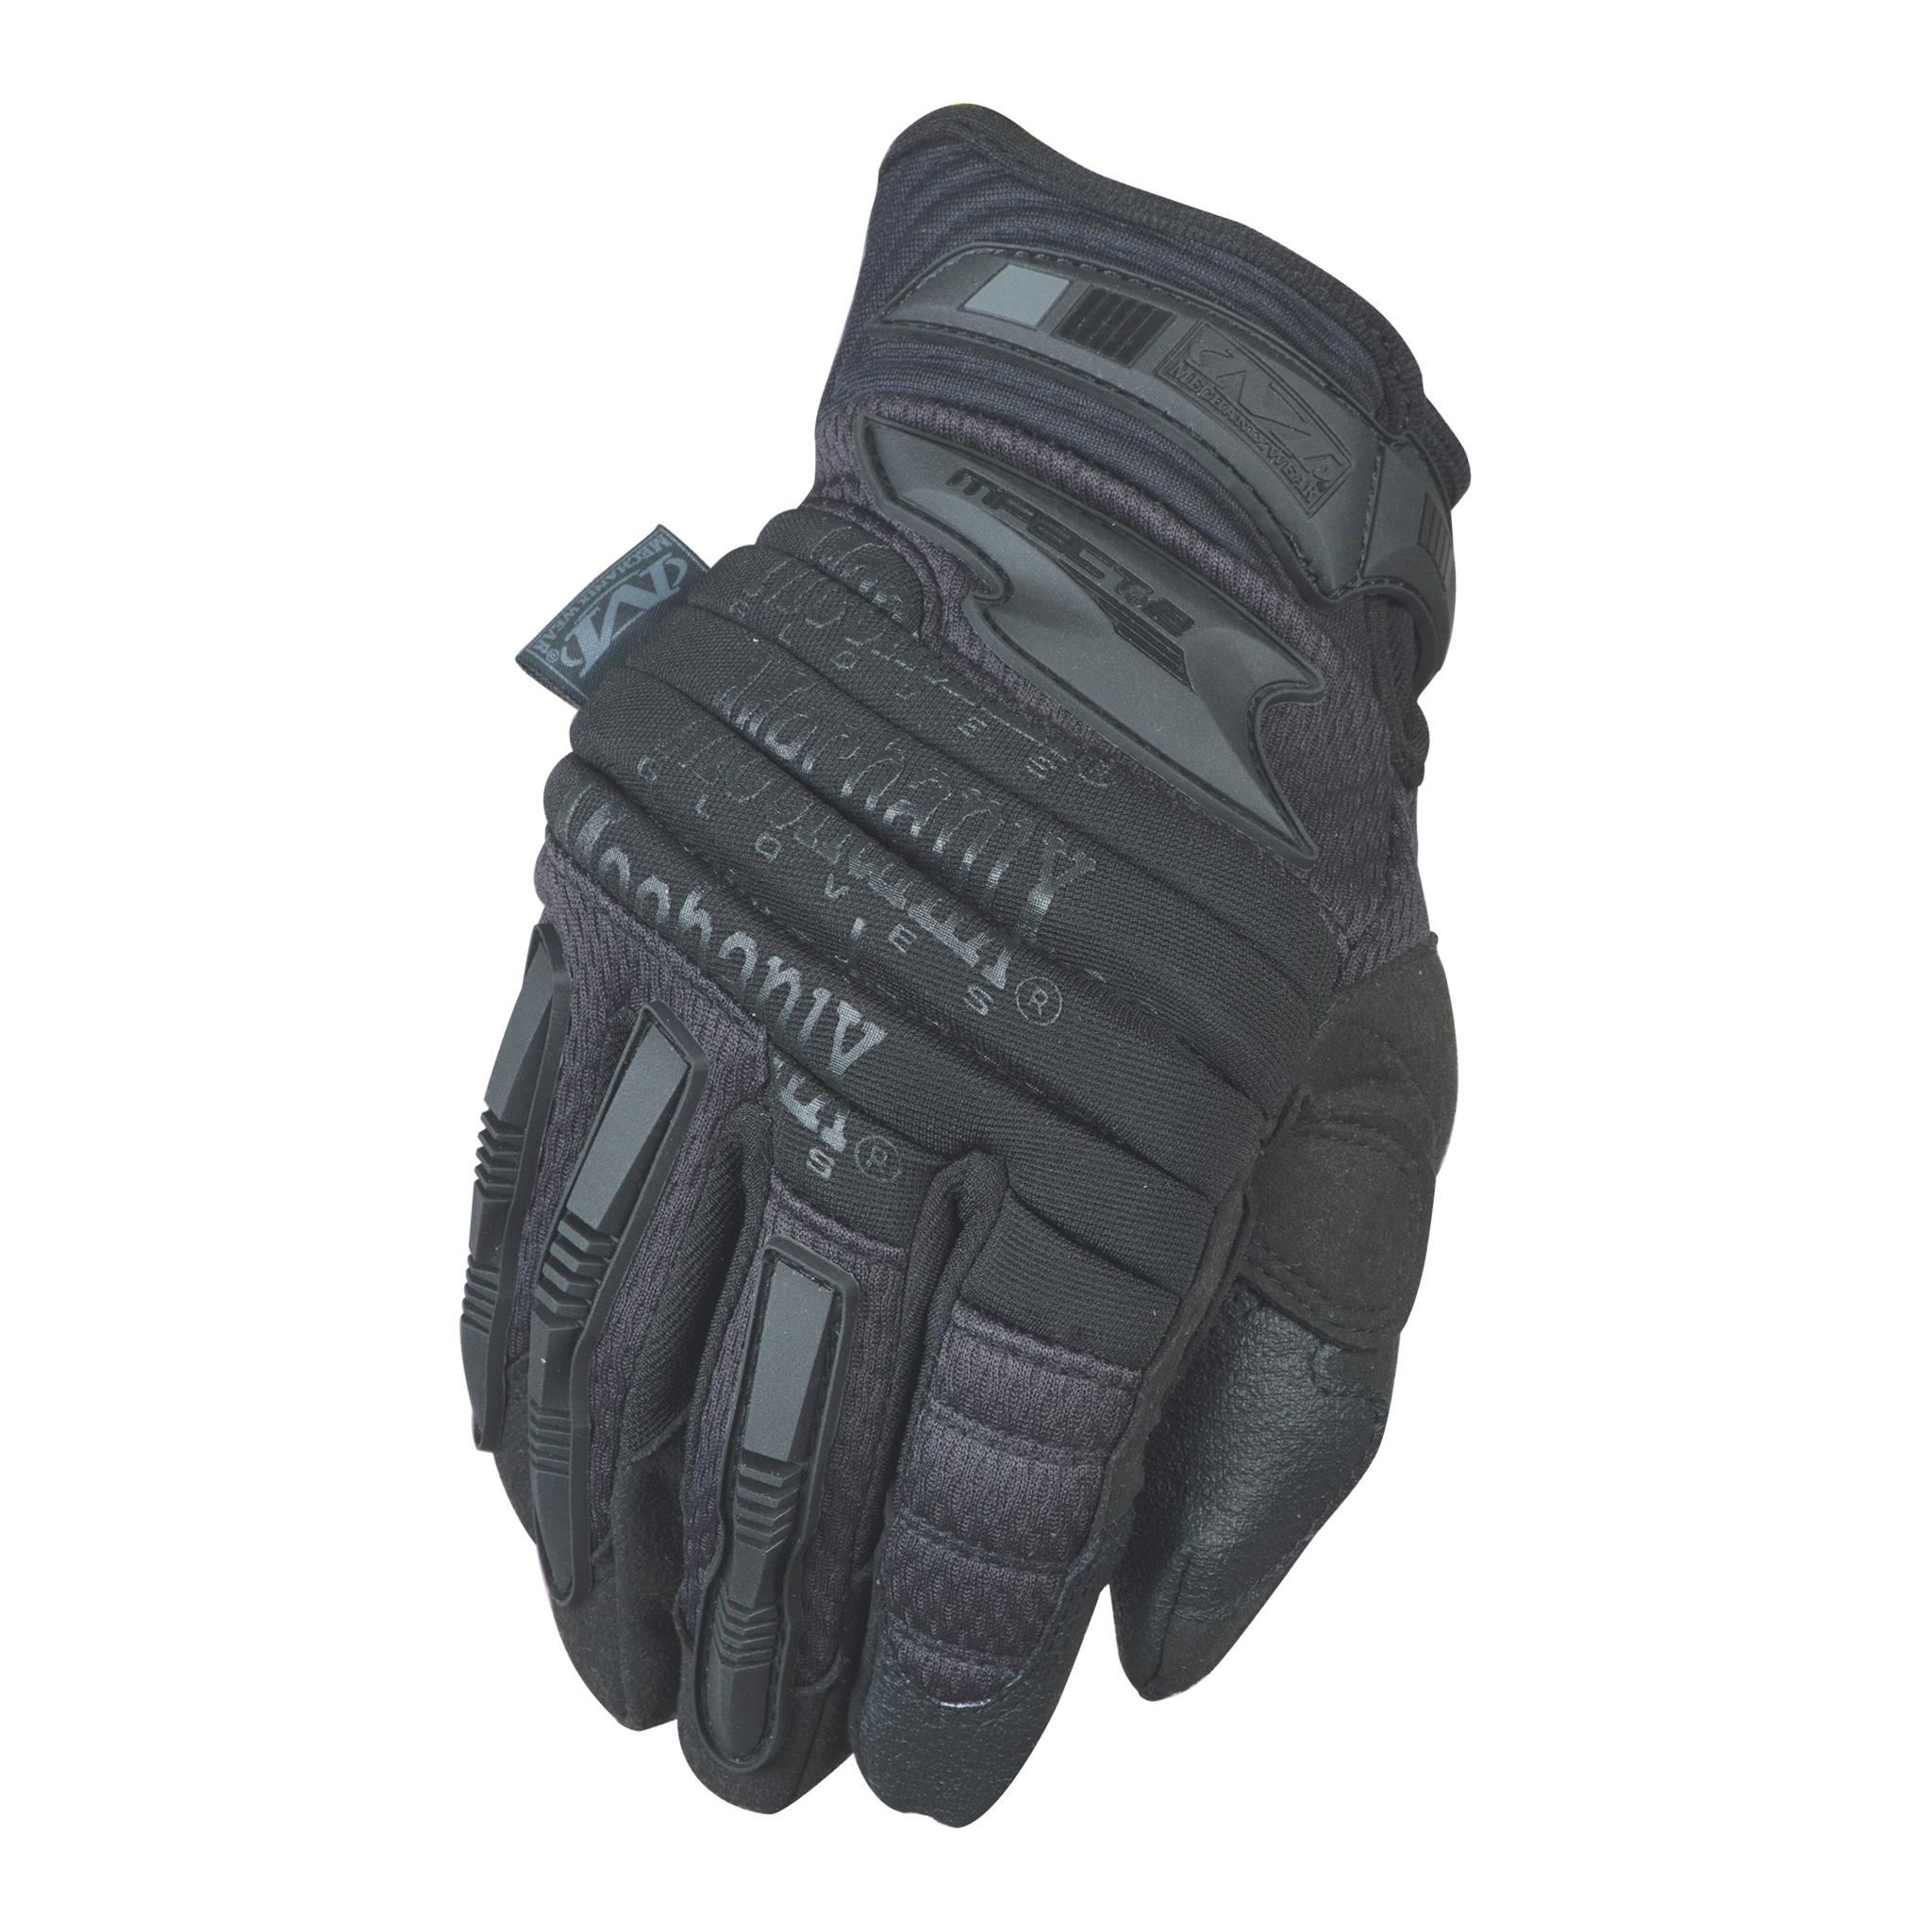 Mechanix Wear M-Pact® 2 Covert Glove